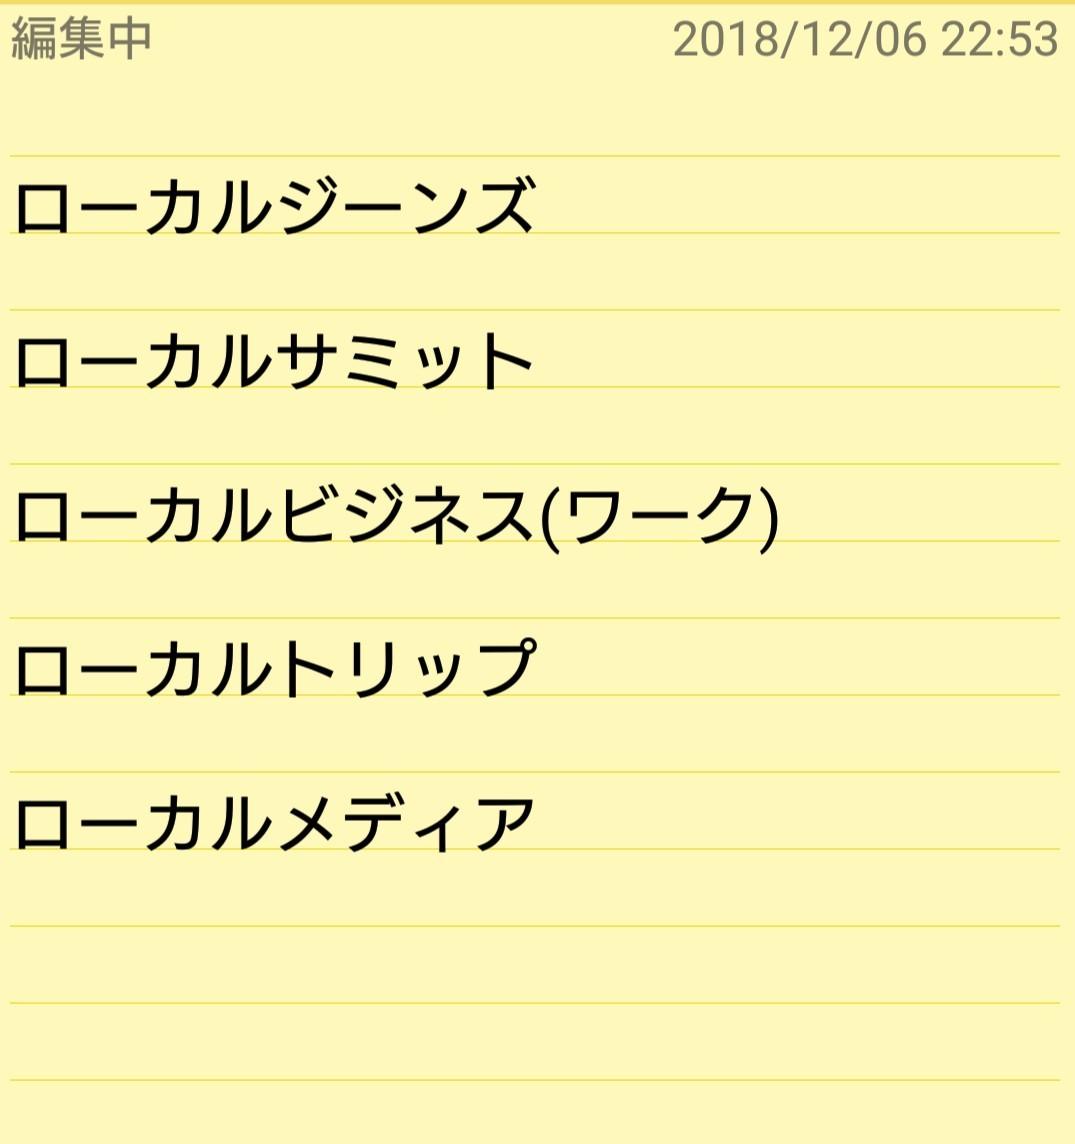 b0369943_23110419.jpg